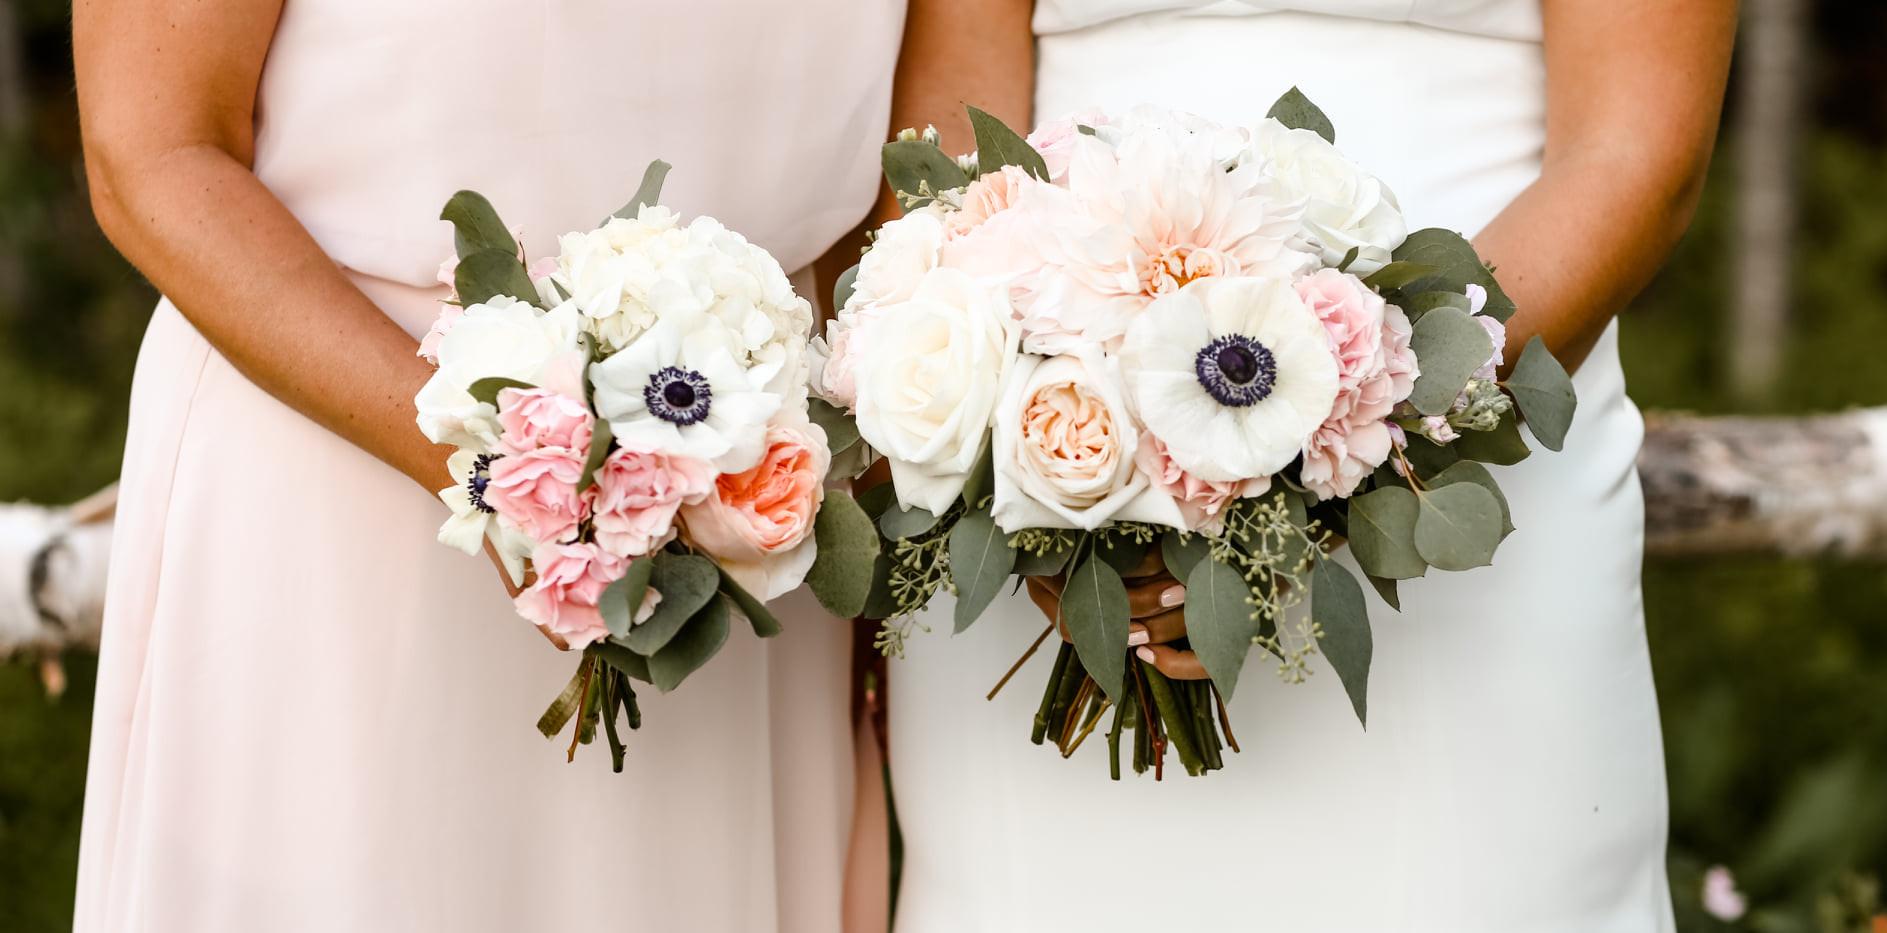 Bride + Bridesmaid bouquet